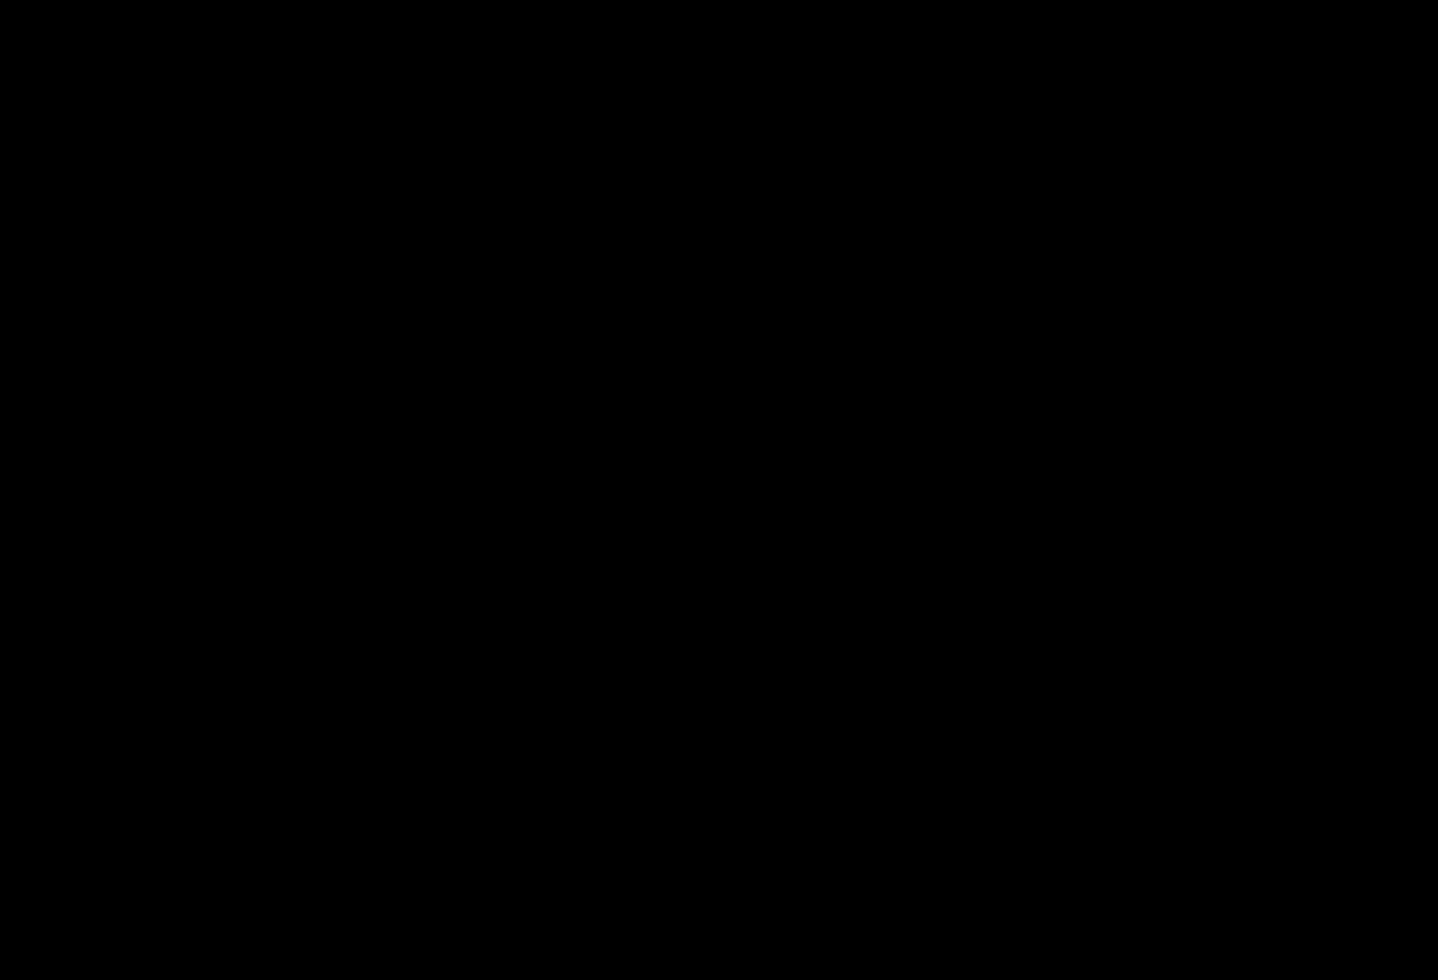 berg logo's png